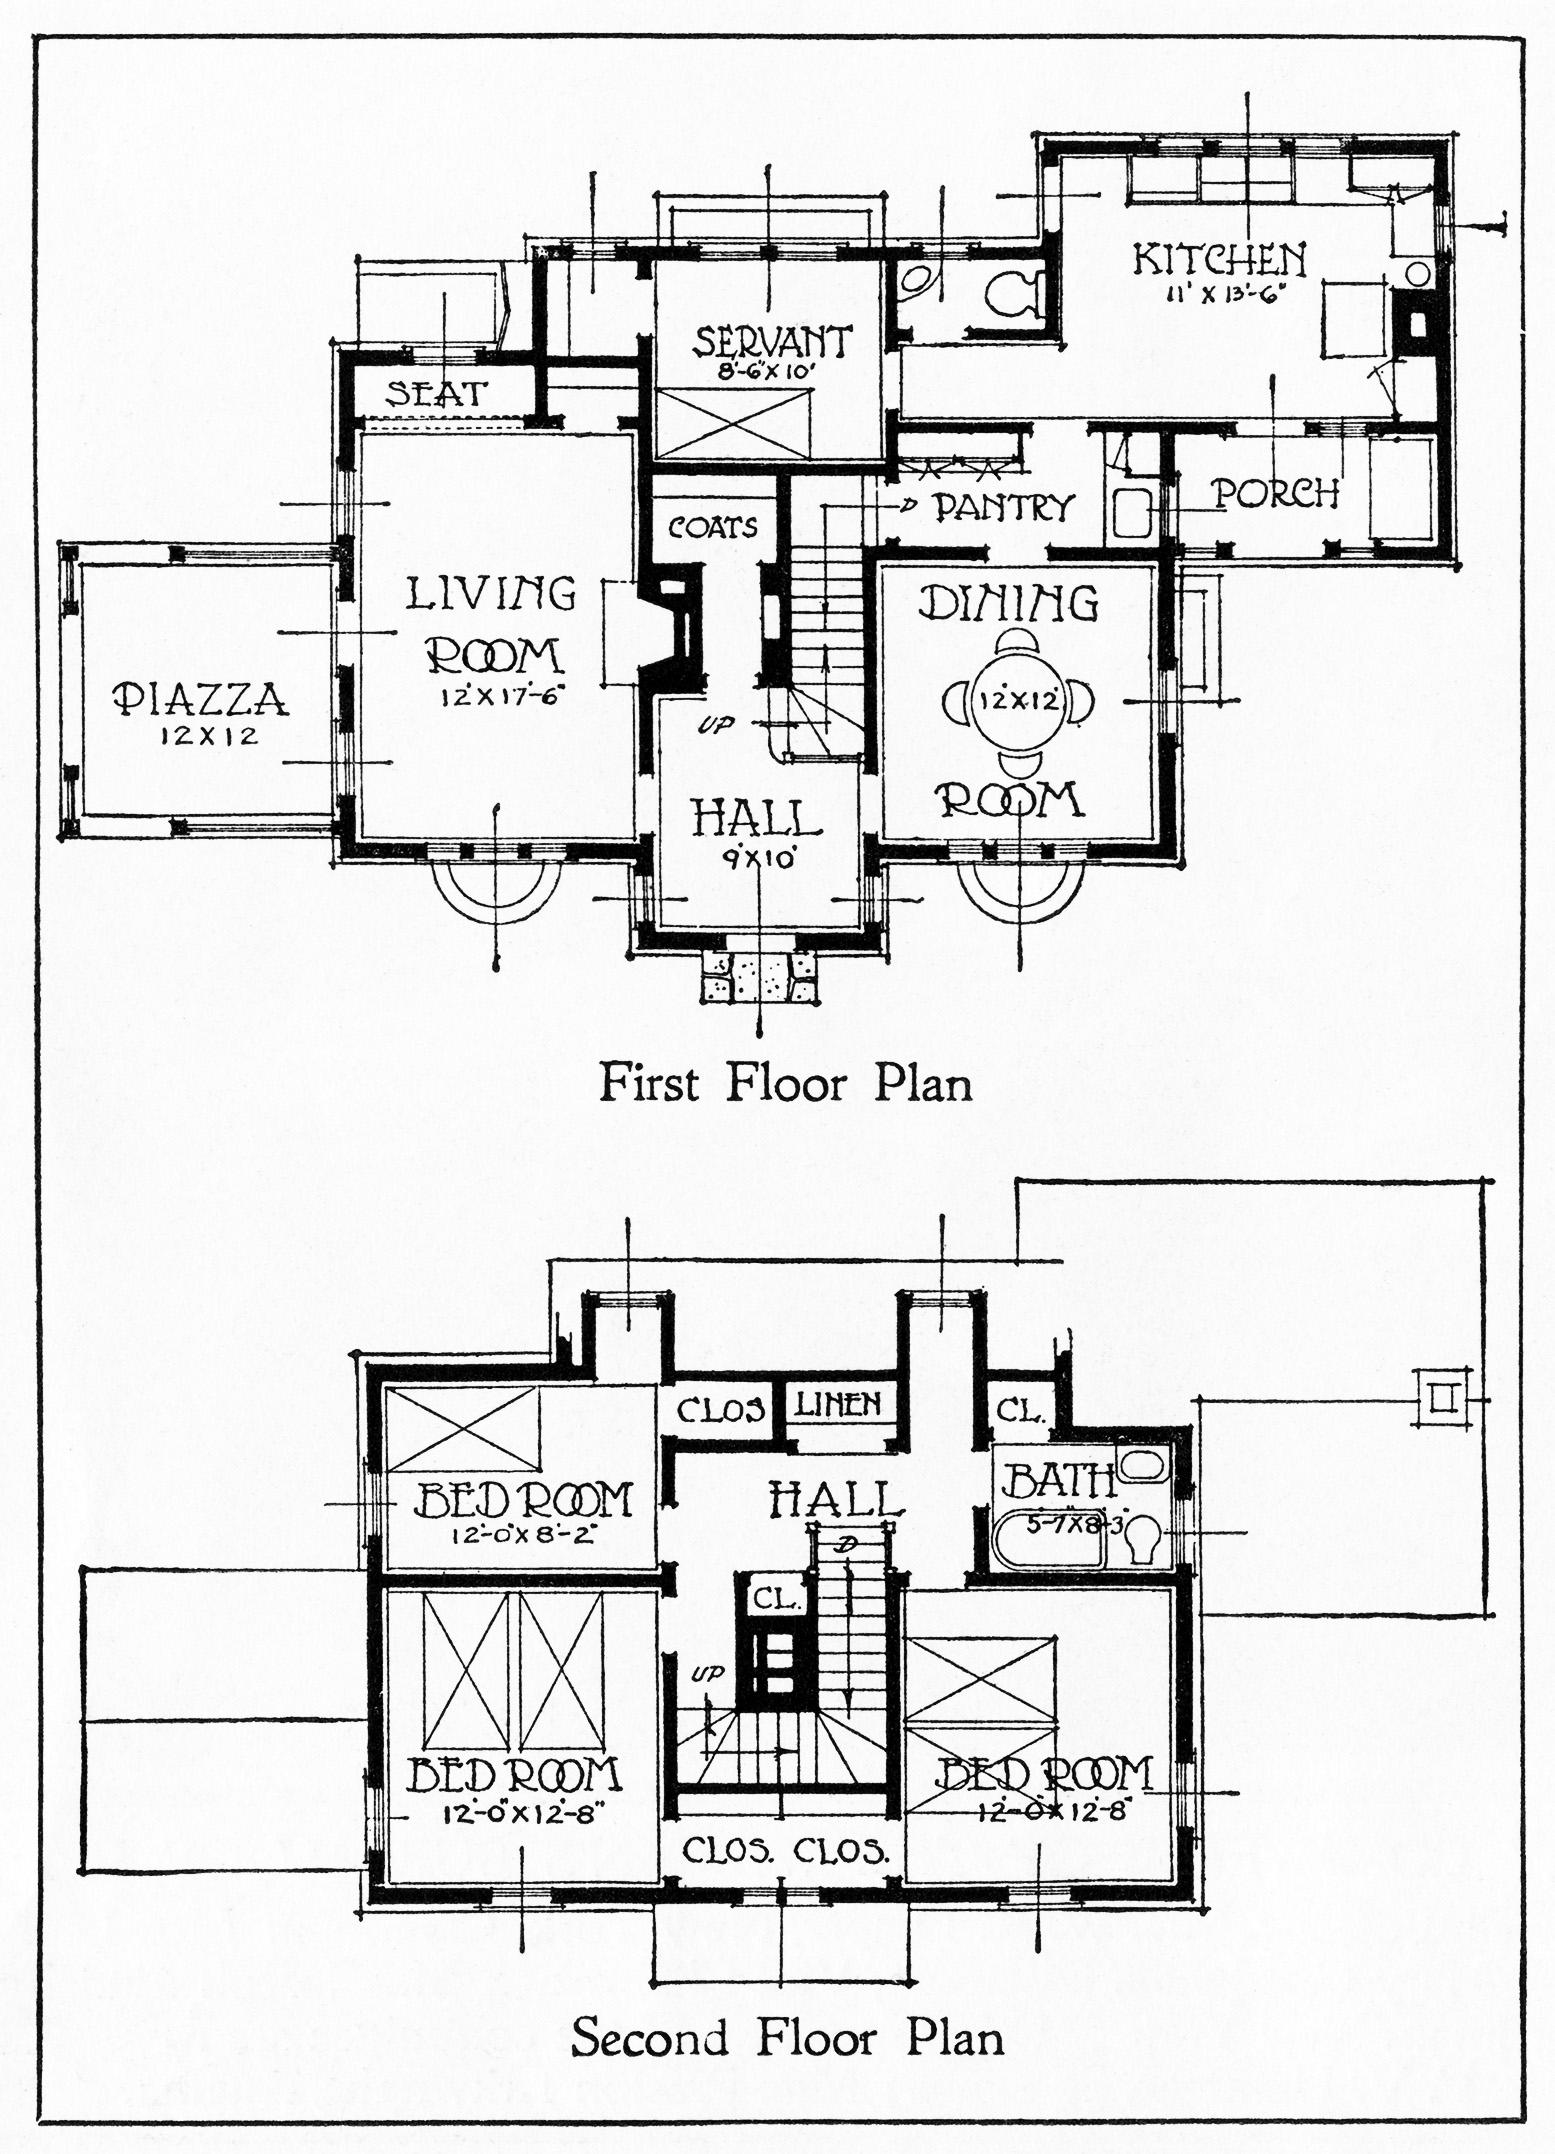 Vintage House and Floor Plans Clip Art | Old Design Shop Blog